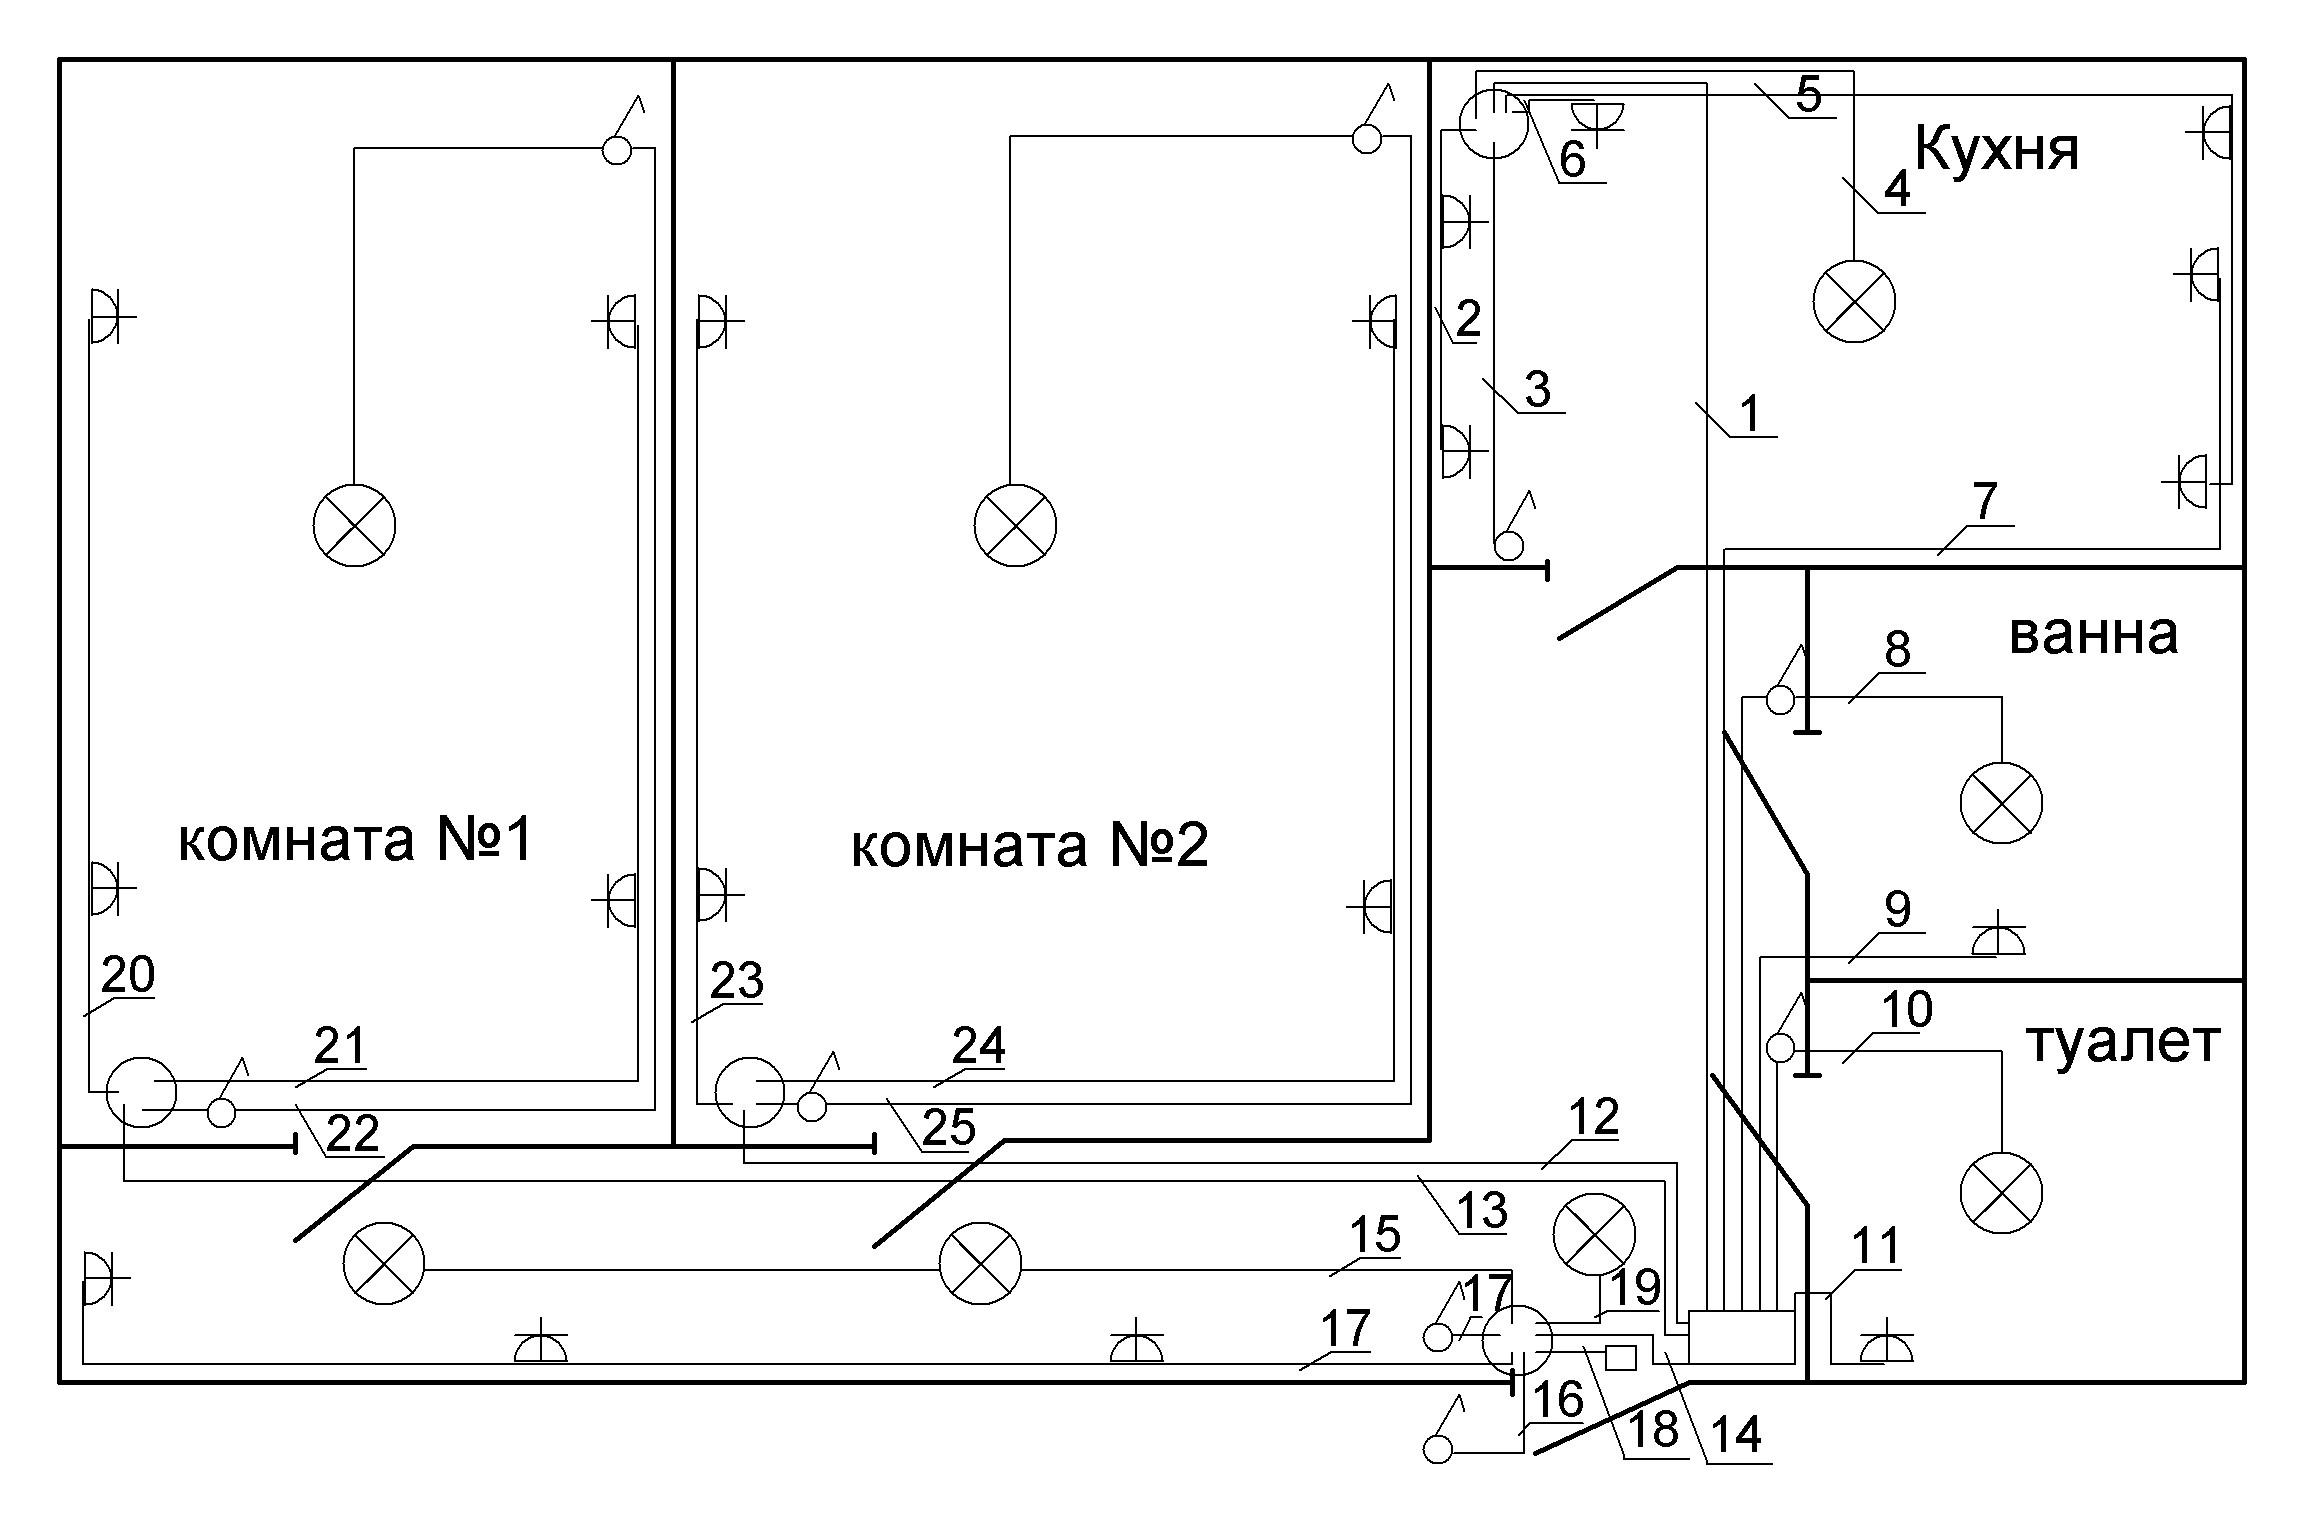 Как сделать слепСхема разводка электропроводки в частном